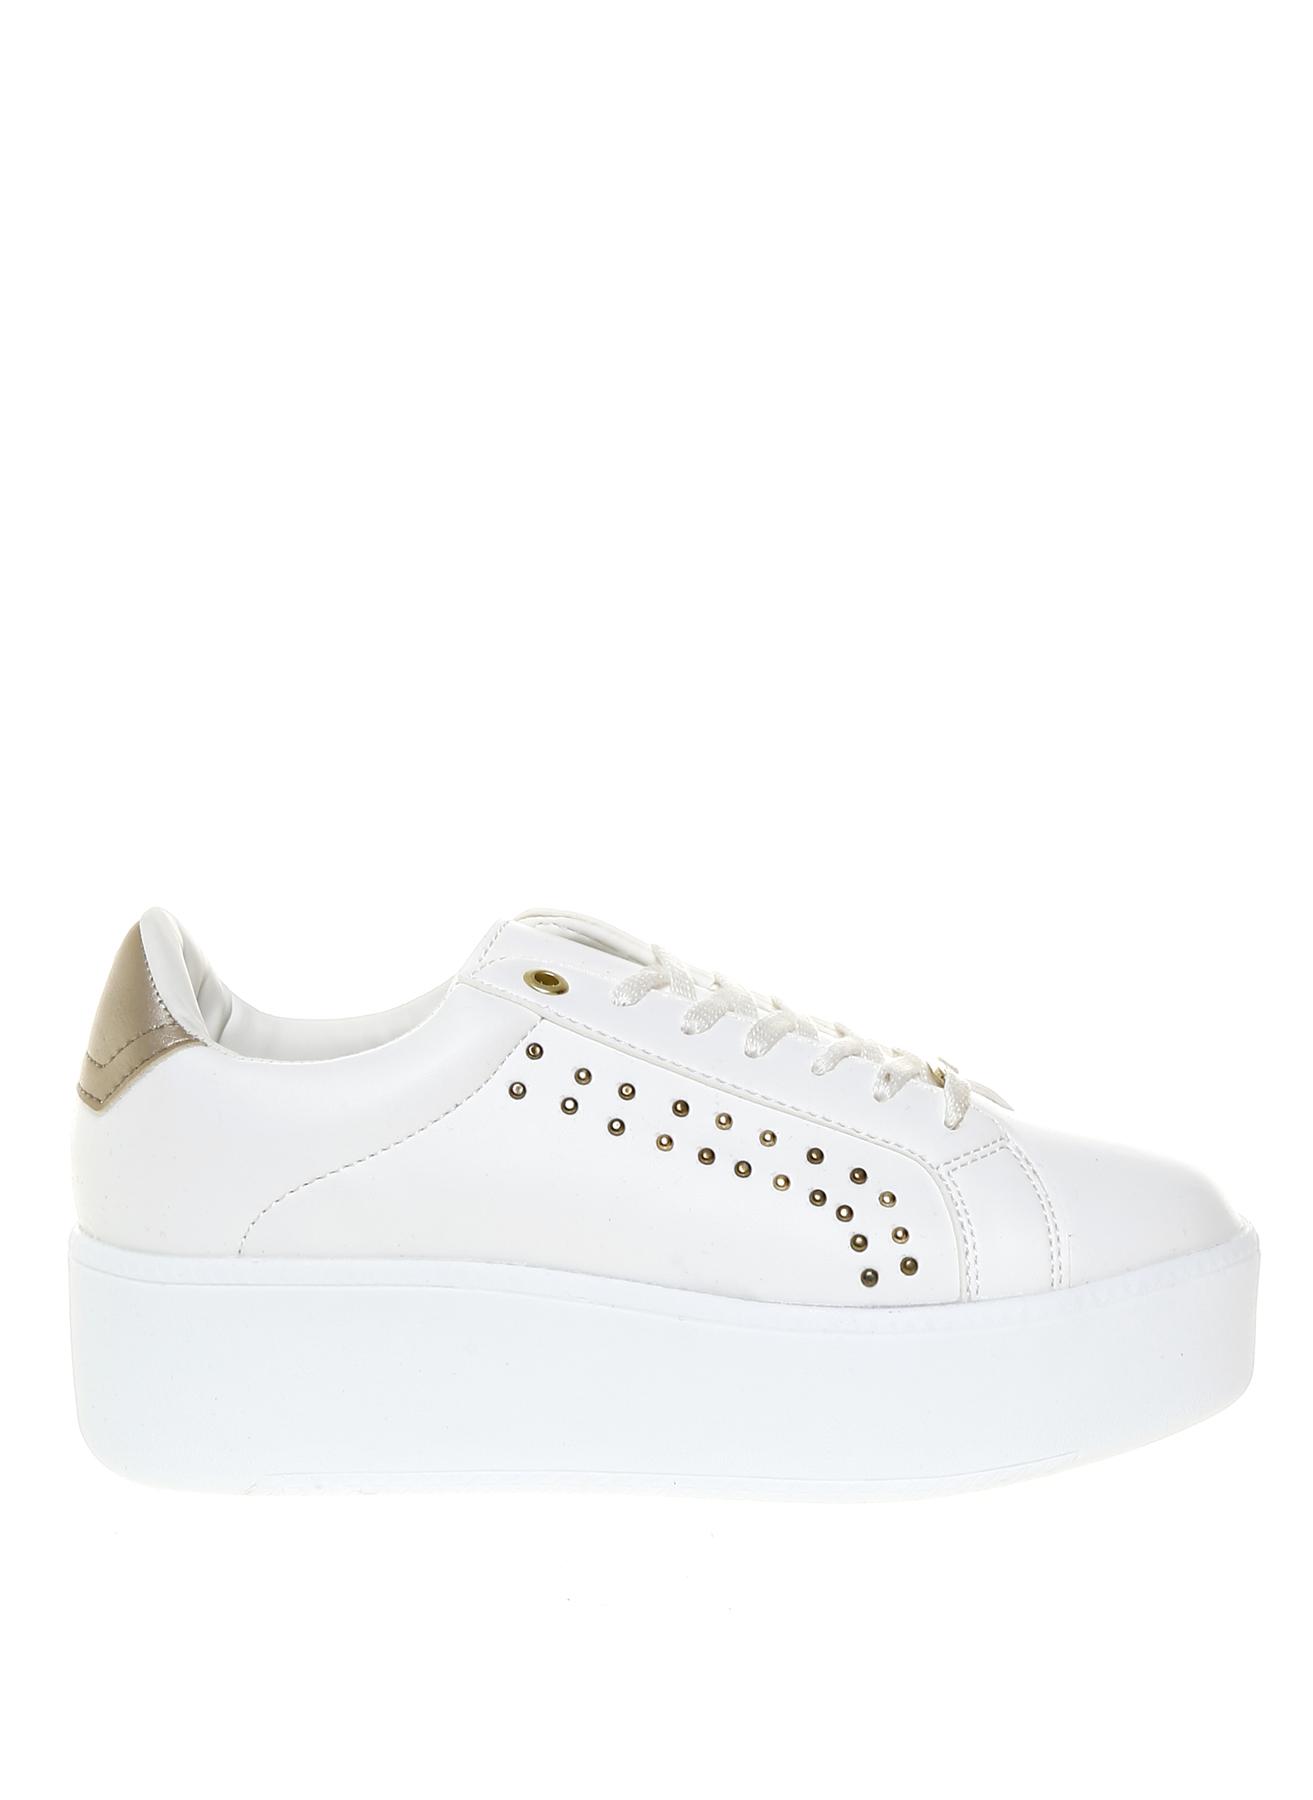 Limon Beyaz Yürüyüş Ayakkabısı 39 5001630499004 Ürün Resmi